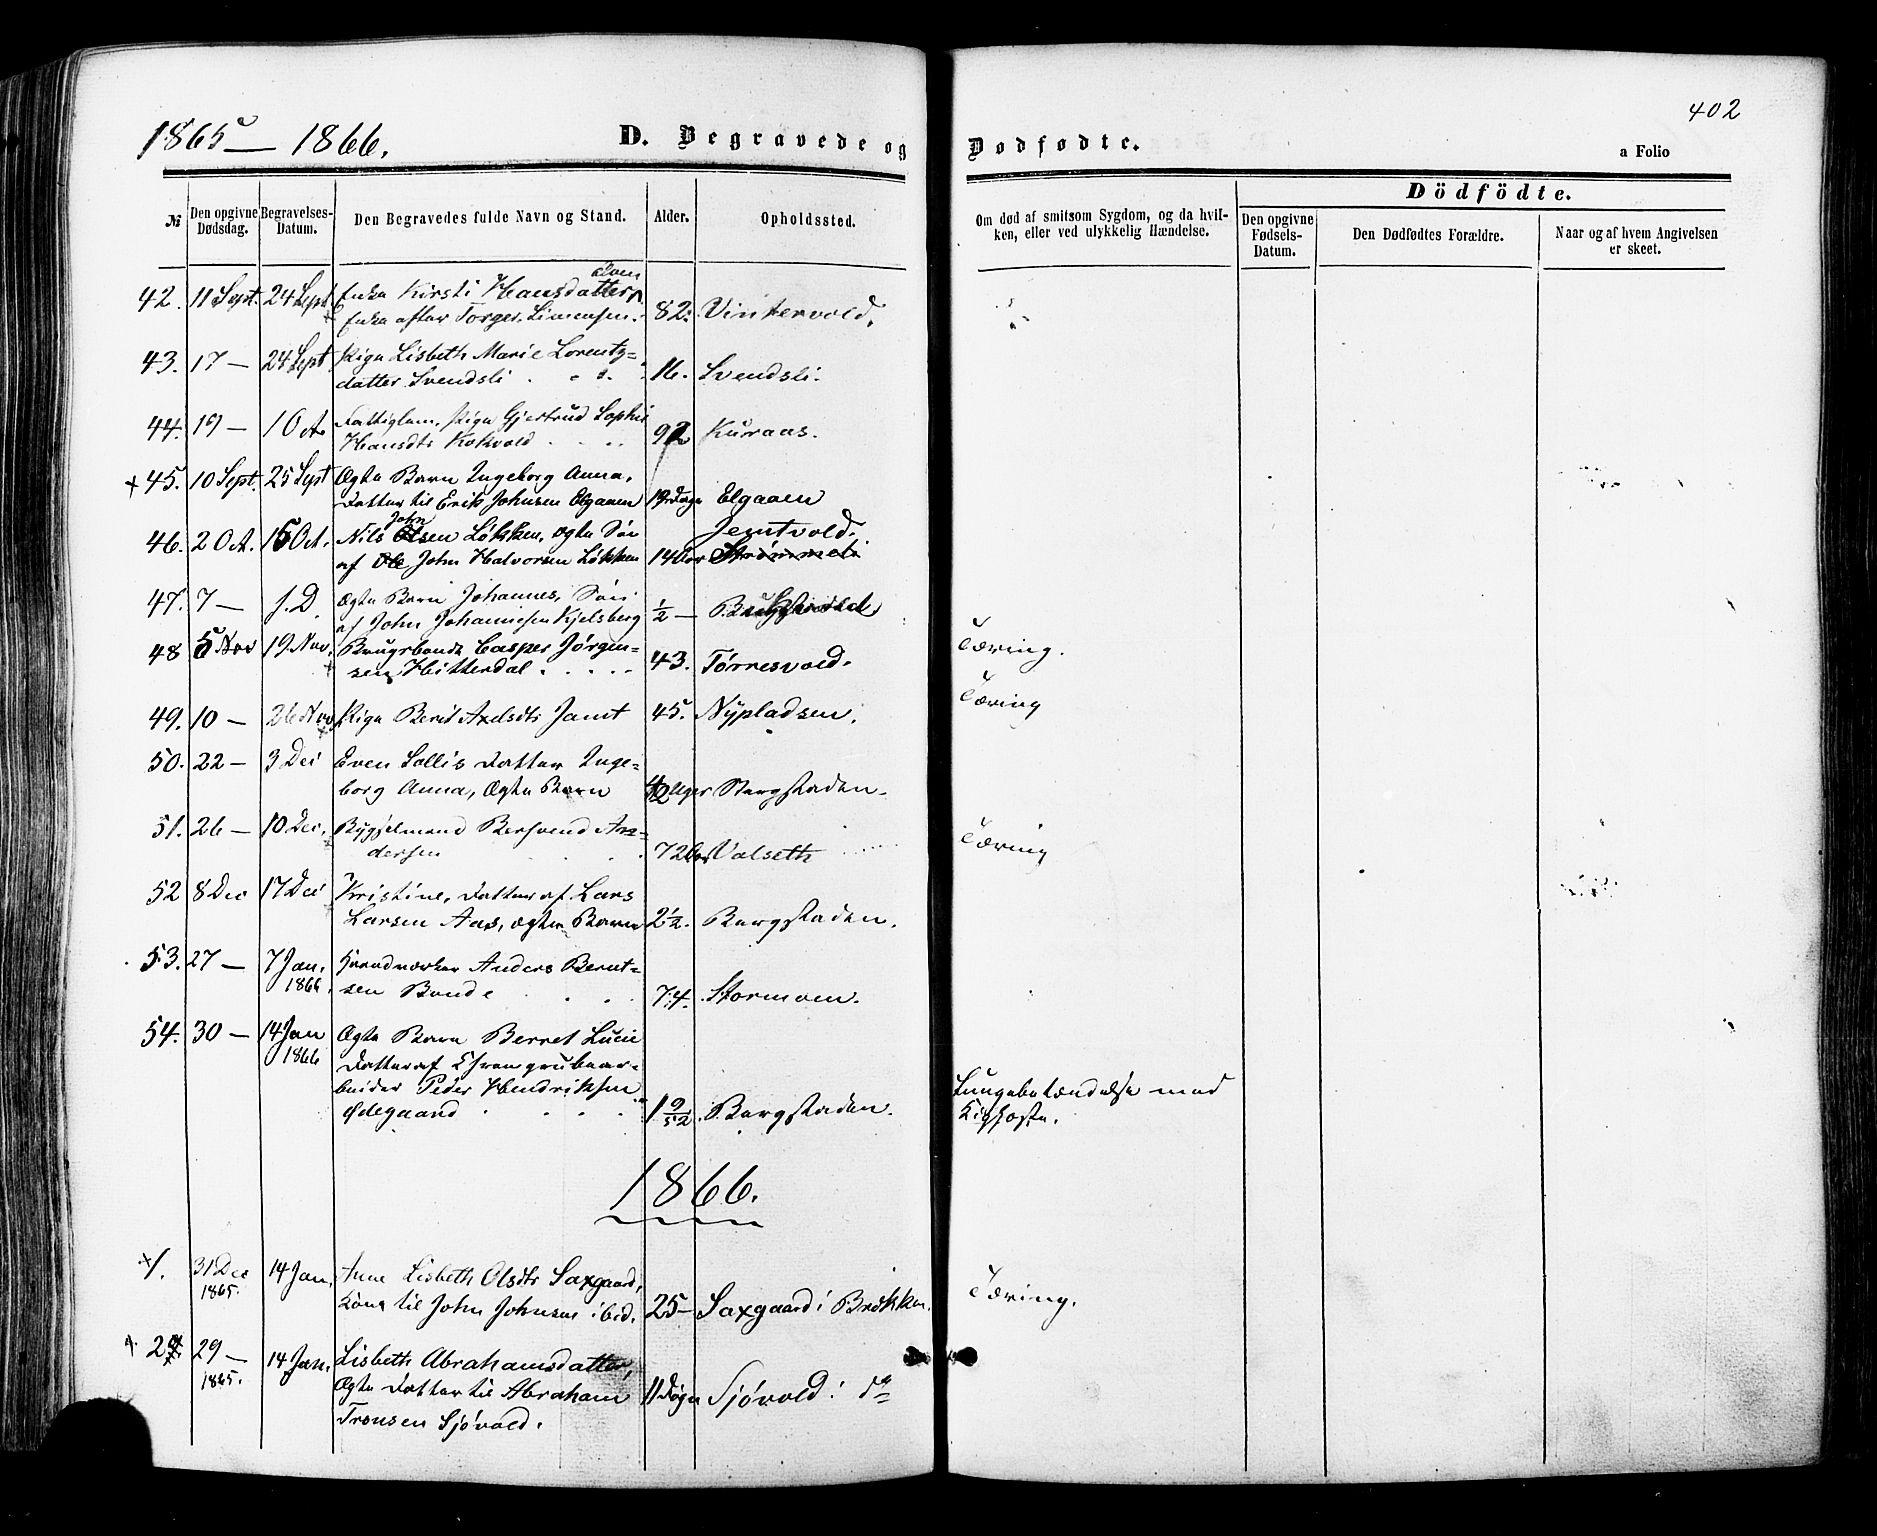 SAT, Ministerialprotokoller, klokkerbøker og fødselsregistre - Sør-Trøndelag, 681/L0932: Ministerialbok nr. 681A10, 1860-1878, s. 402